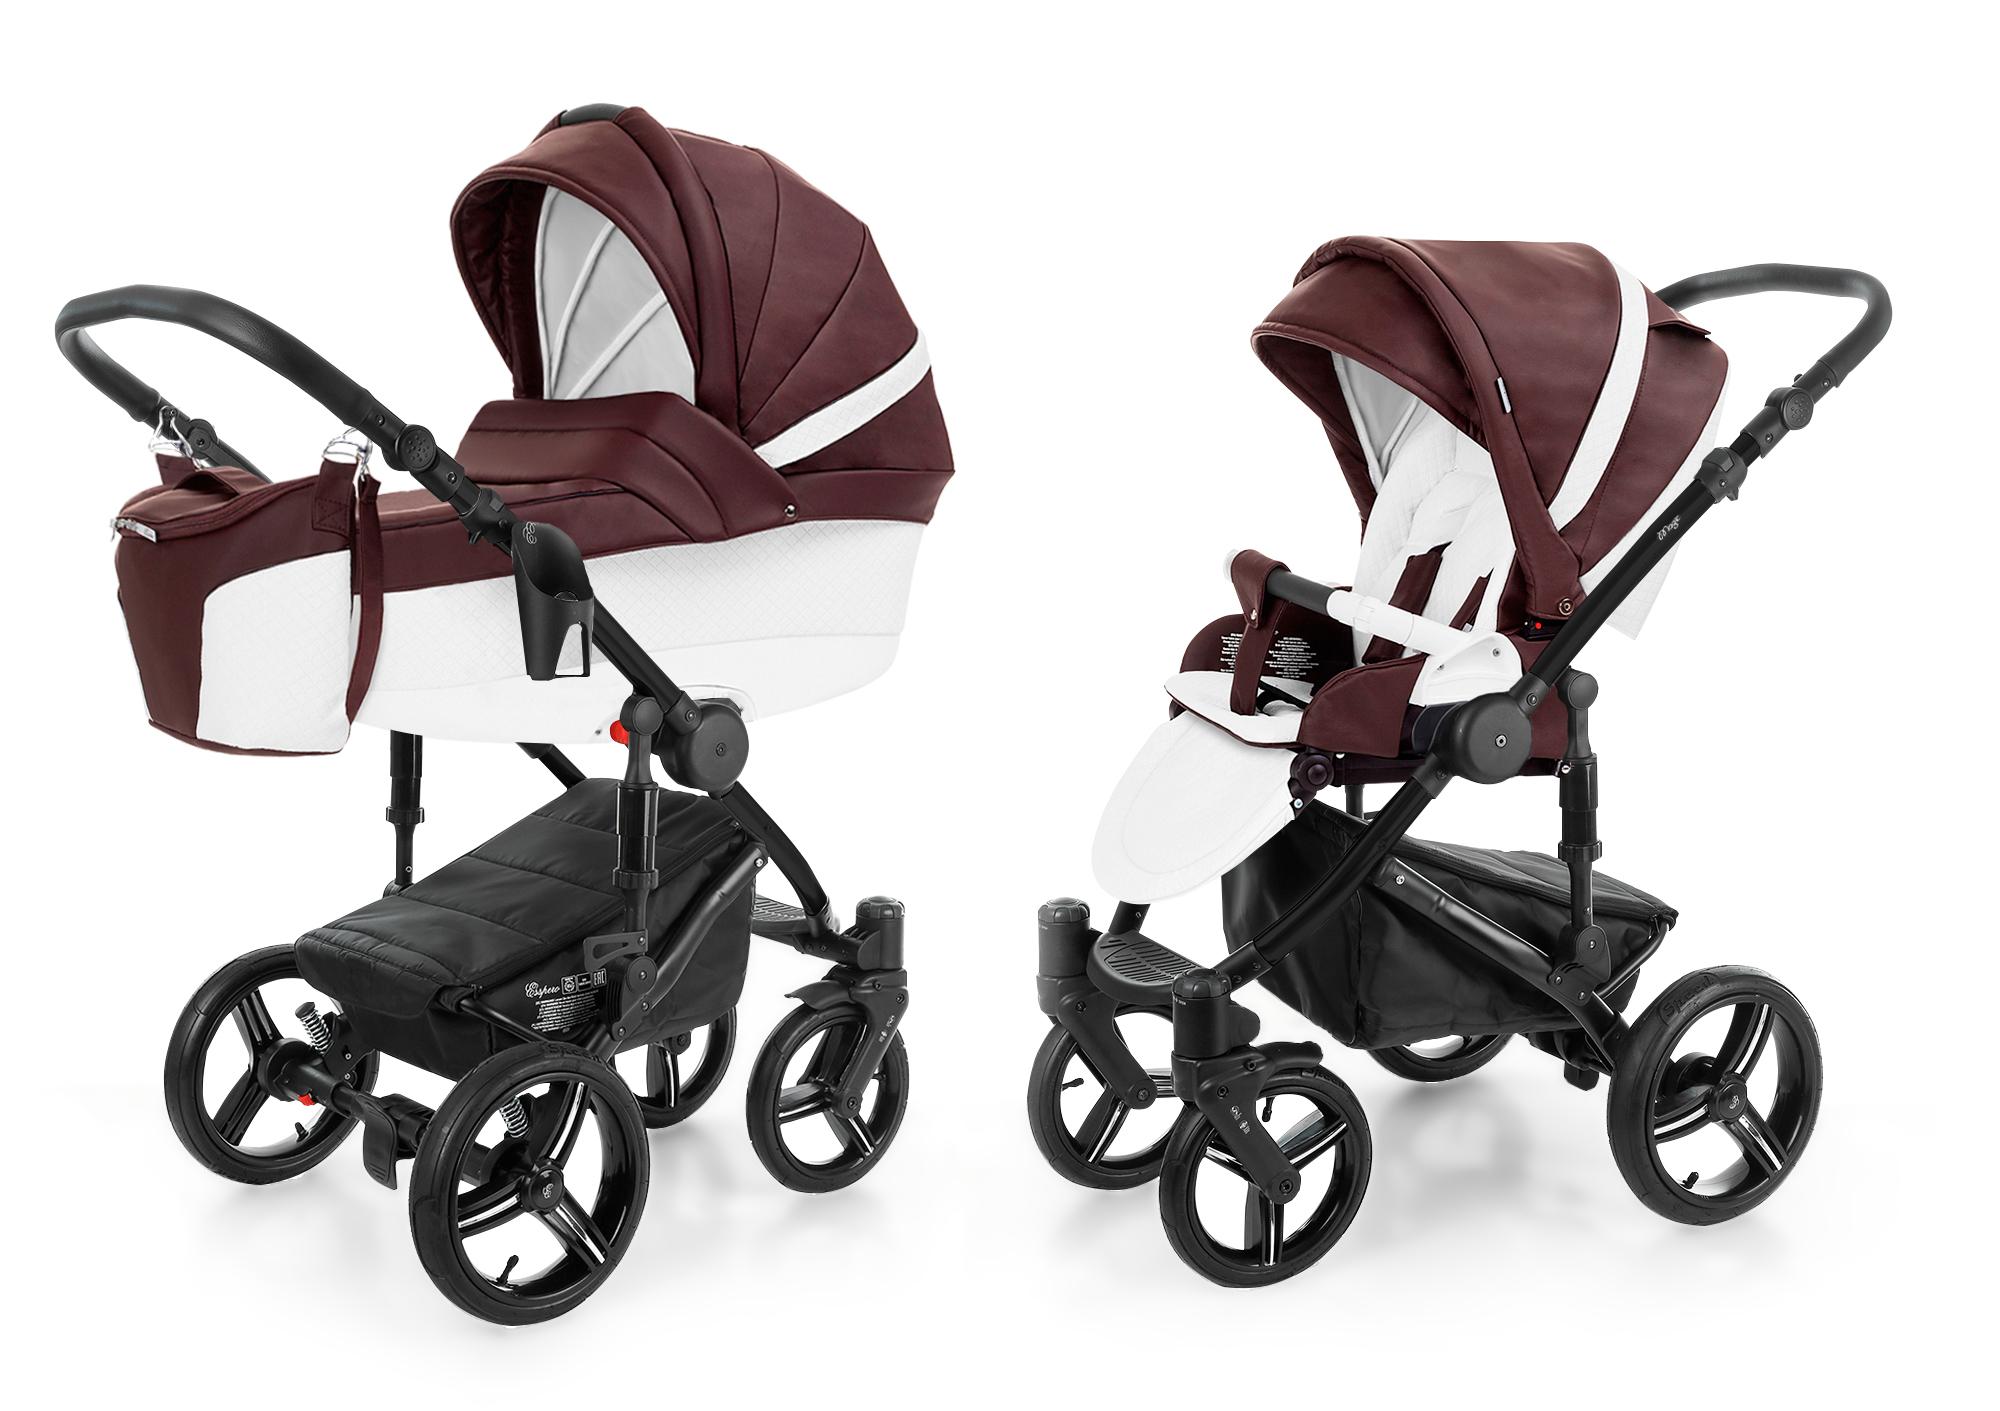 Рейтинг колясок 3 в 1: 12 удобных и качественных моделей